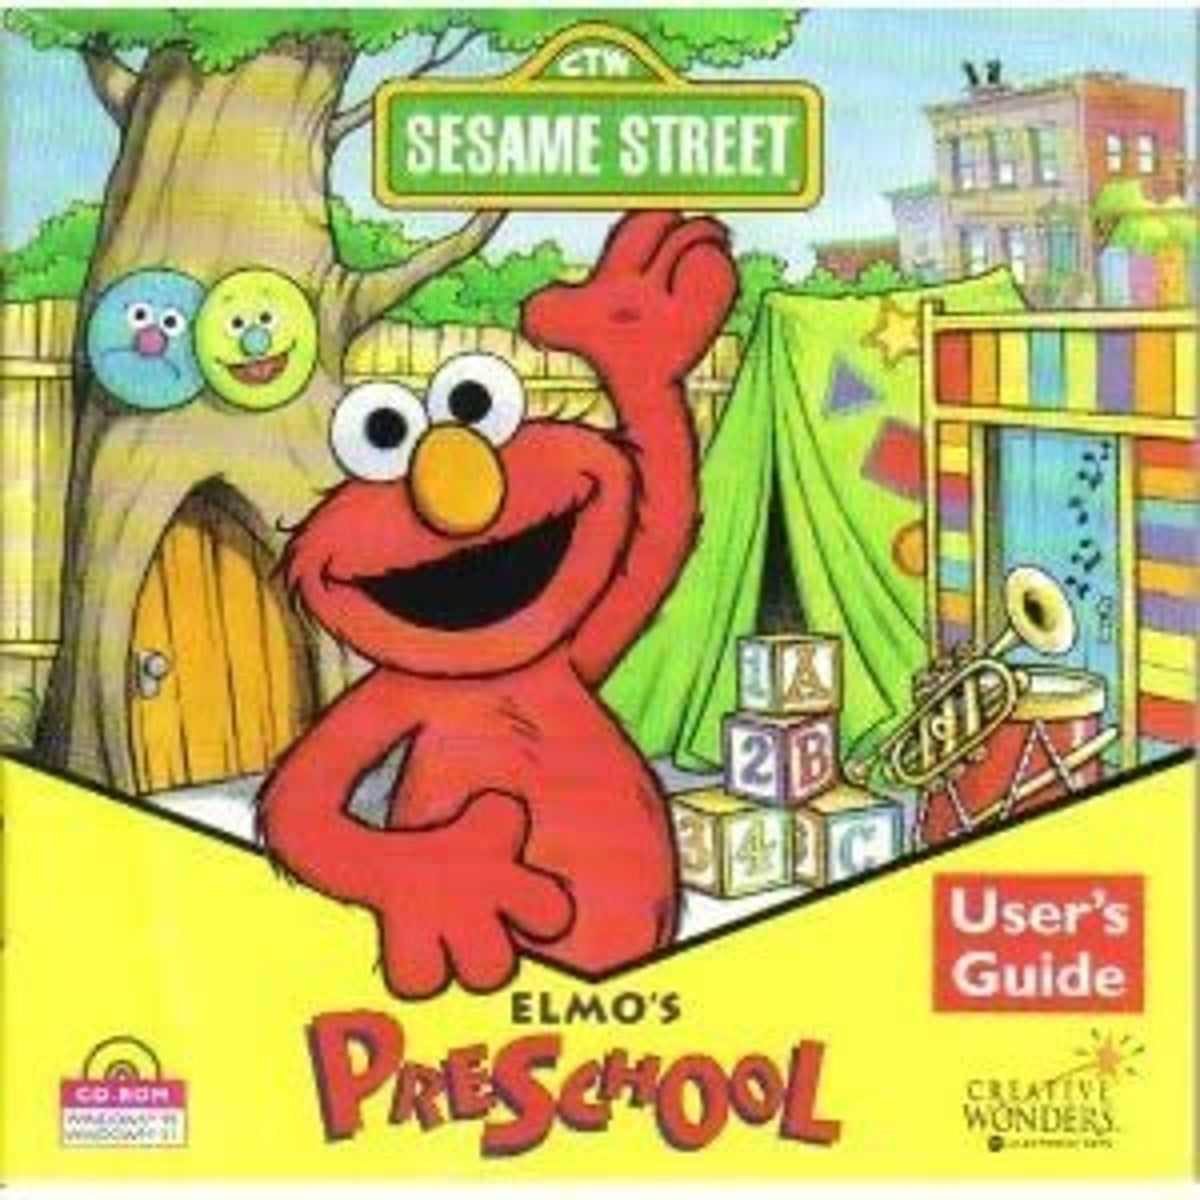 Sesame Street Elmo's Preschool PC in 2020 Preschool